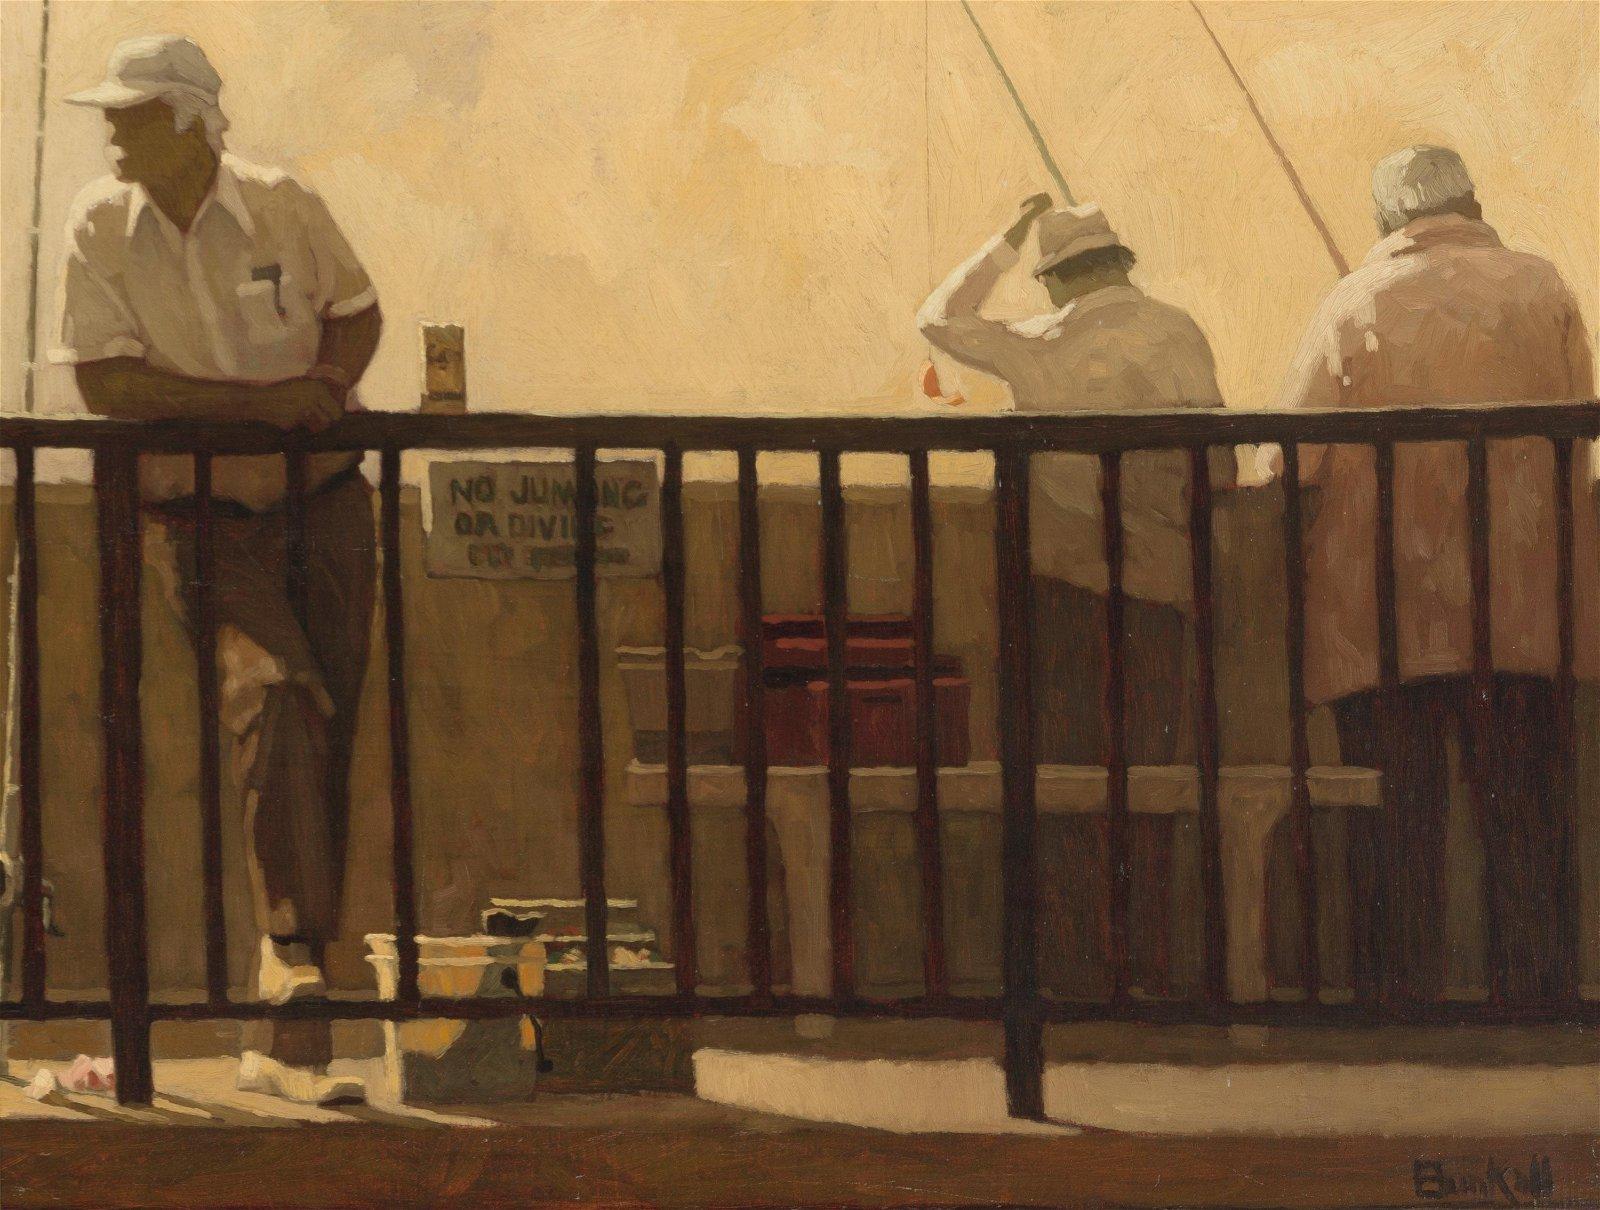 Richard Bunkall (1953-1999 Pasadena, CA)